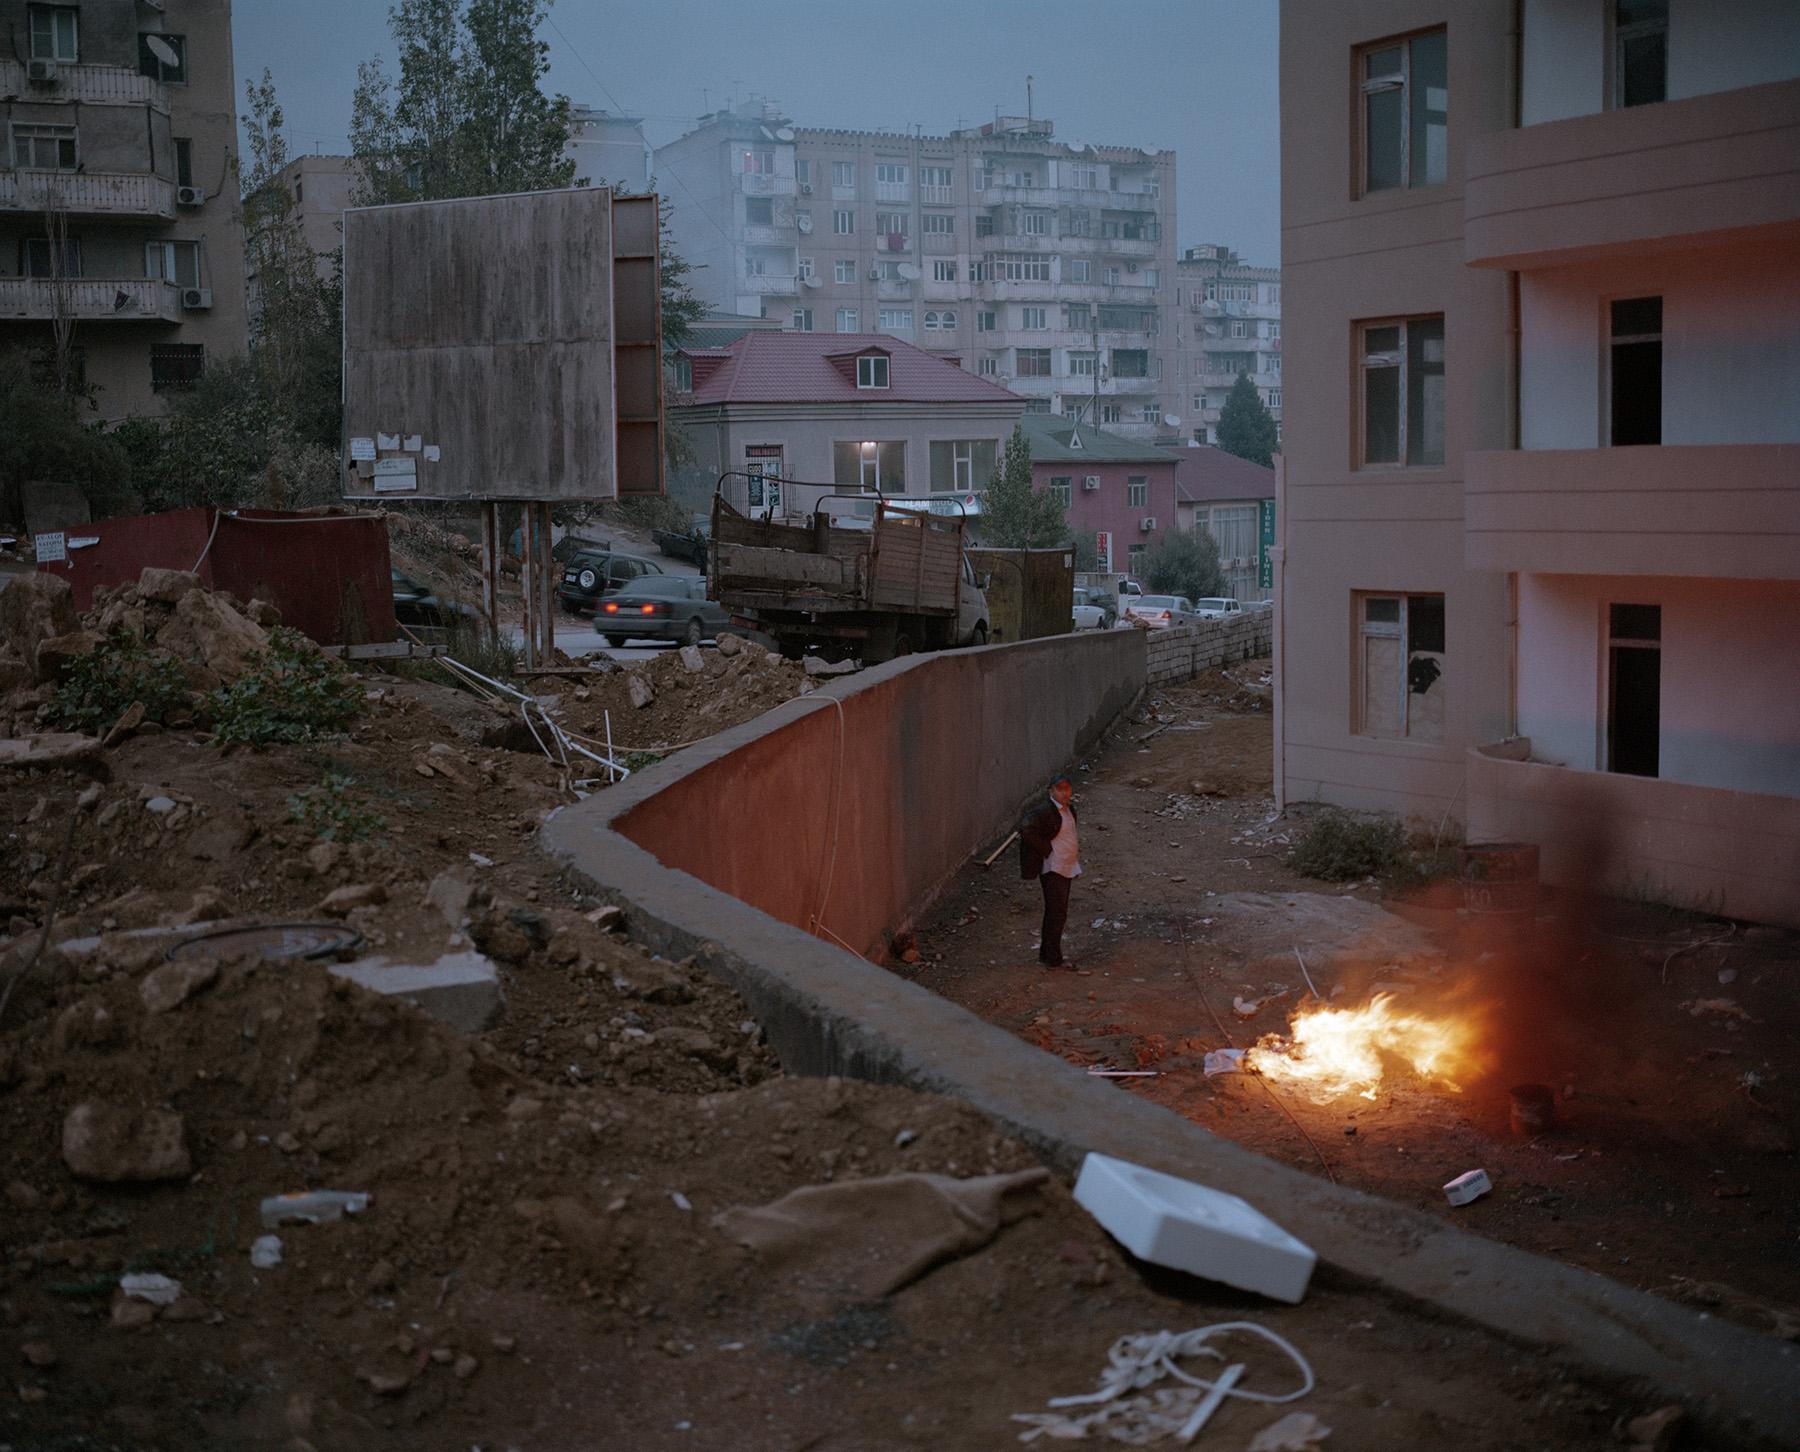 2014 год: Рабочий район Ясамал на севере Баку. После обретения независимости многие жители начали приезжать сюда из деревень. Также здесь много вынужденных переселенцев из Нагорного Карабаха, которые живут в заброшенных школах и общежитиях.